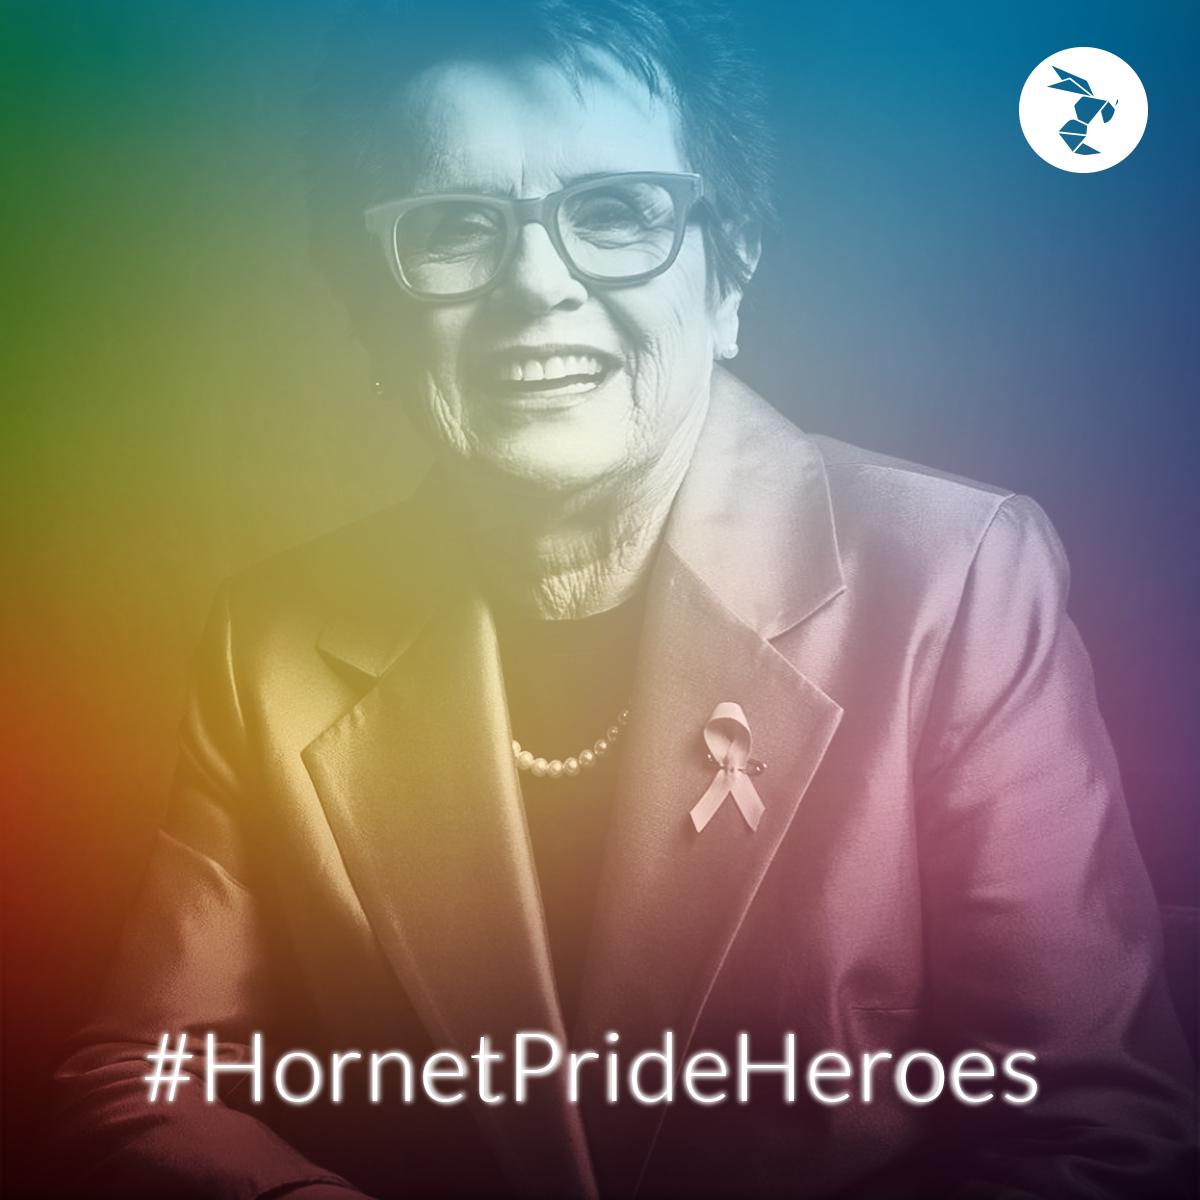 Hornet Pride Heroes billie jean king